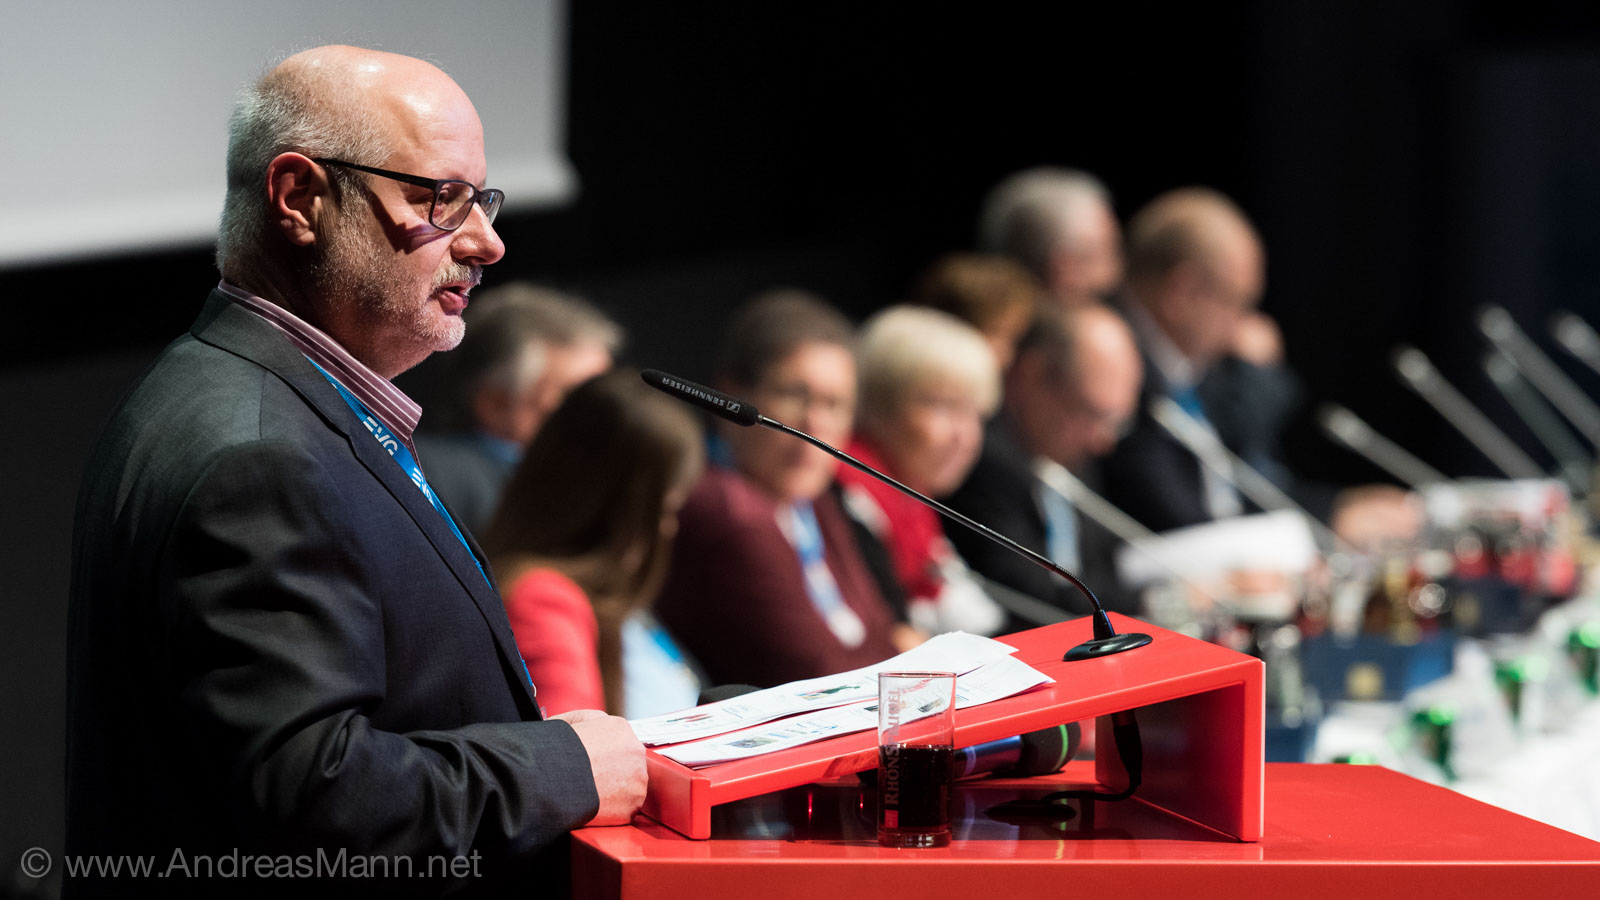 Eröffungsrede des Vorsitzenden Alexander Kirchner auf dem Kleinen Gewerkschaftstag der EVG